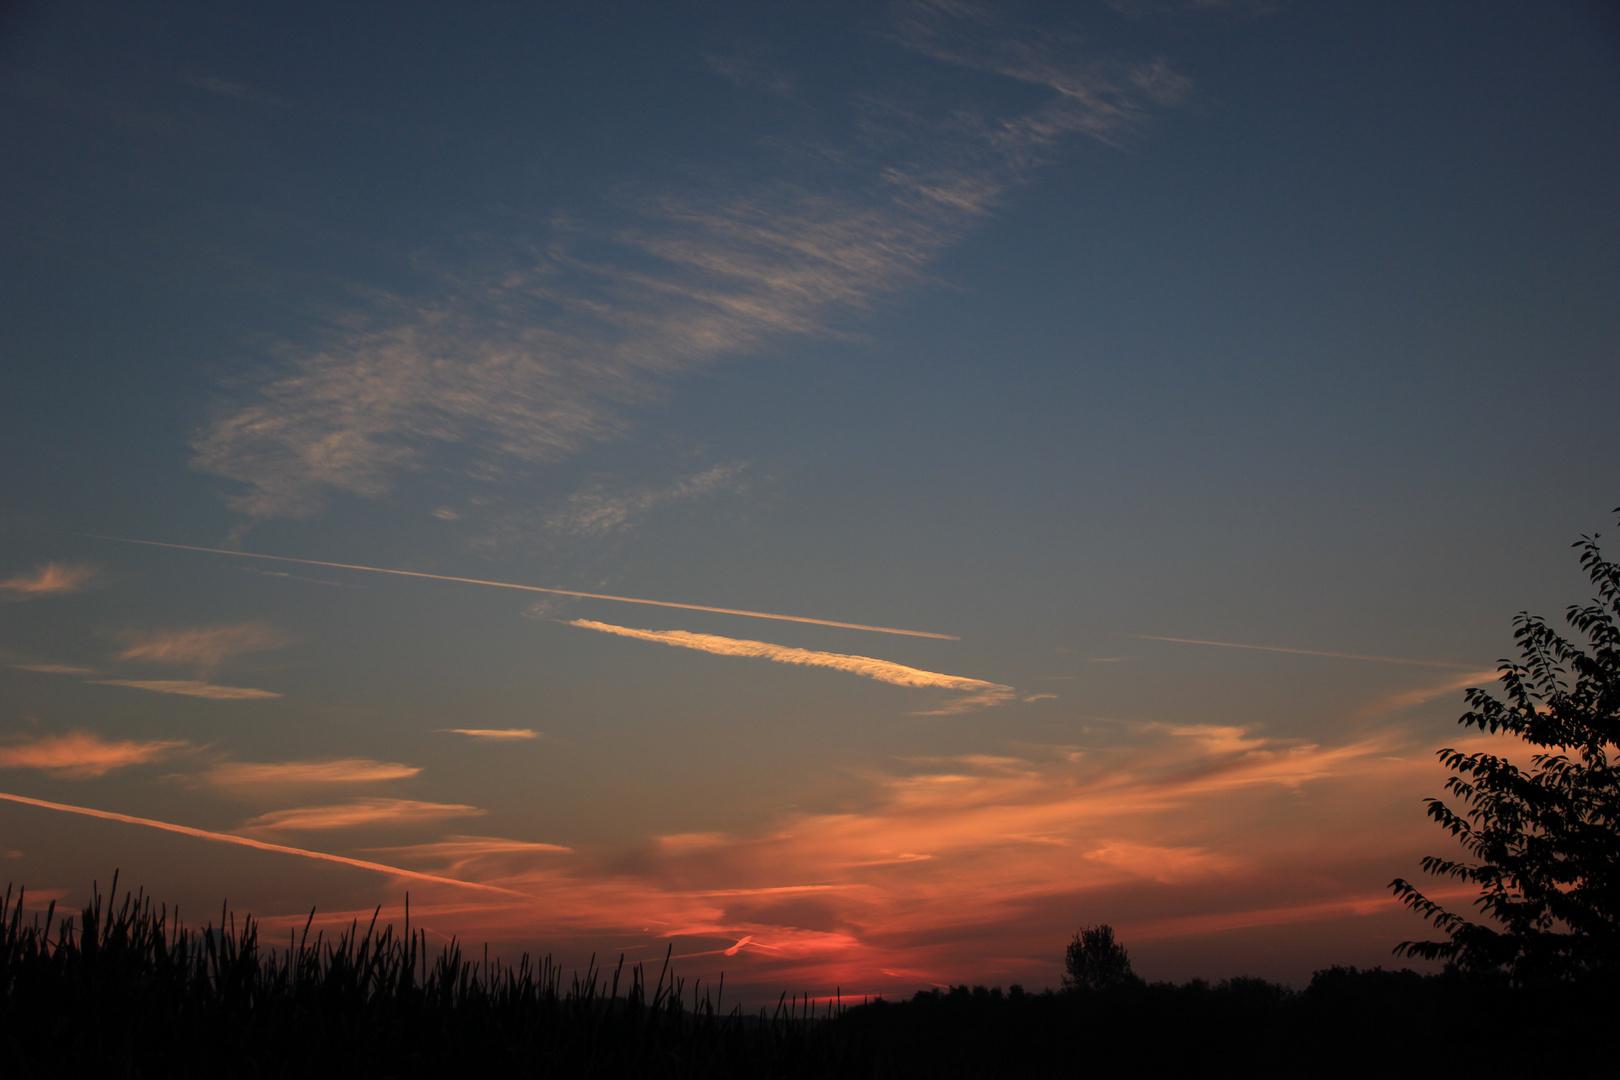 Der Himmel kurz bevor die Sonne auf geht